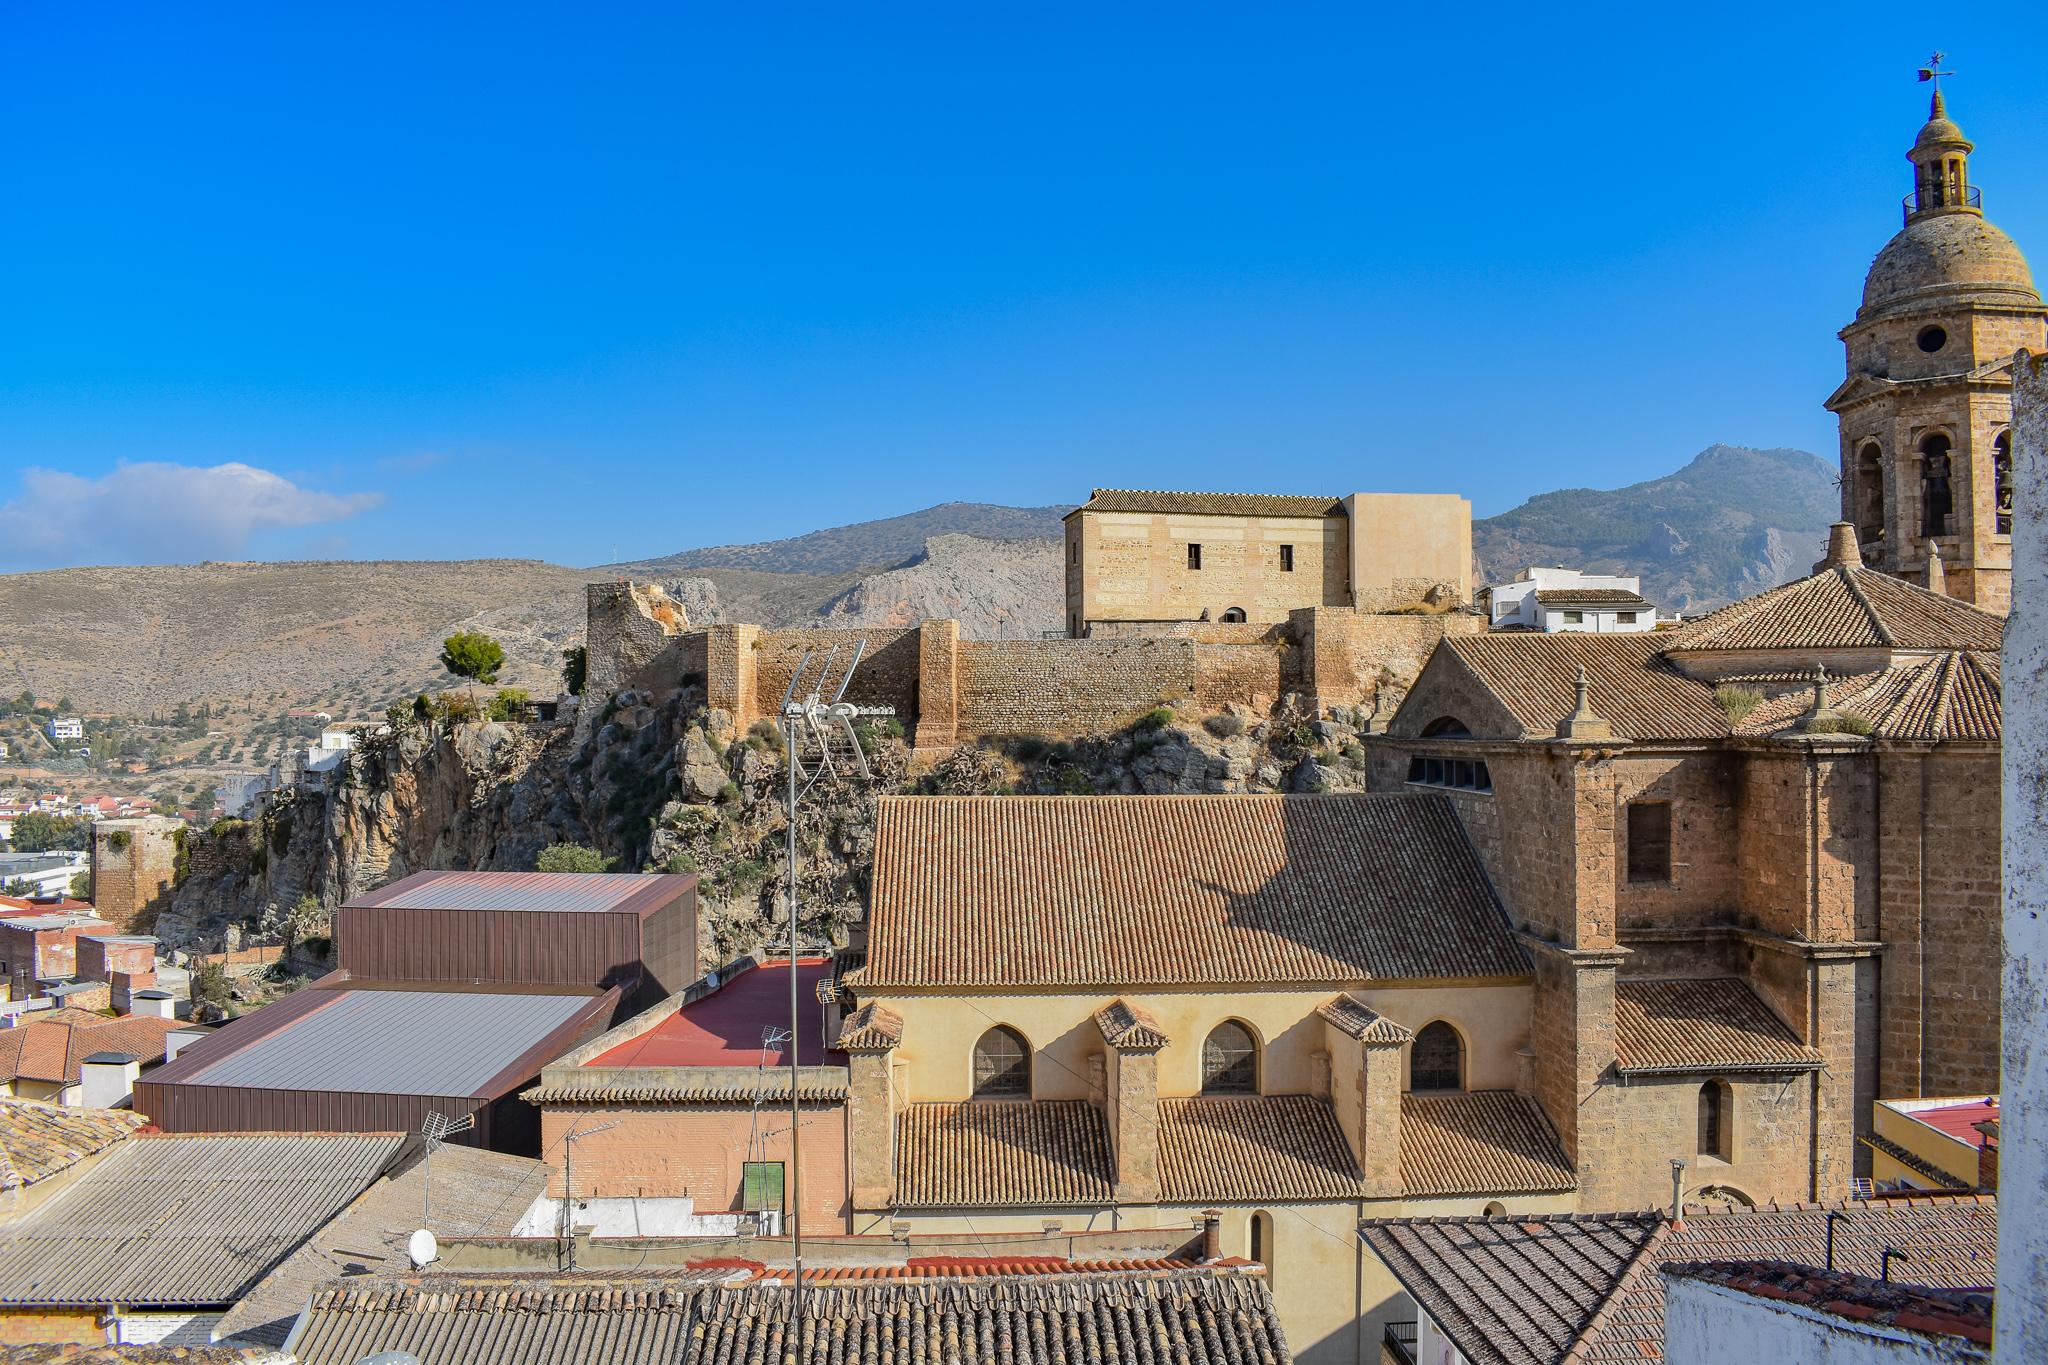 Loja, property for sale in loja, granada estate agency based in Alhama de Granada with over 200 properties for sale